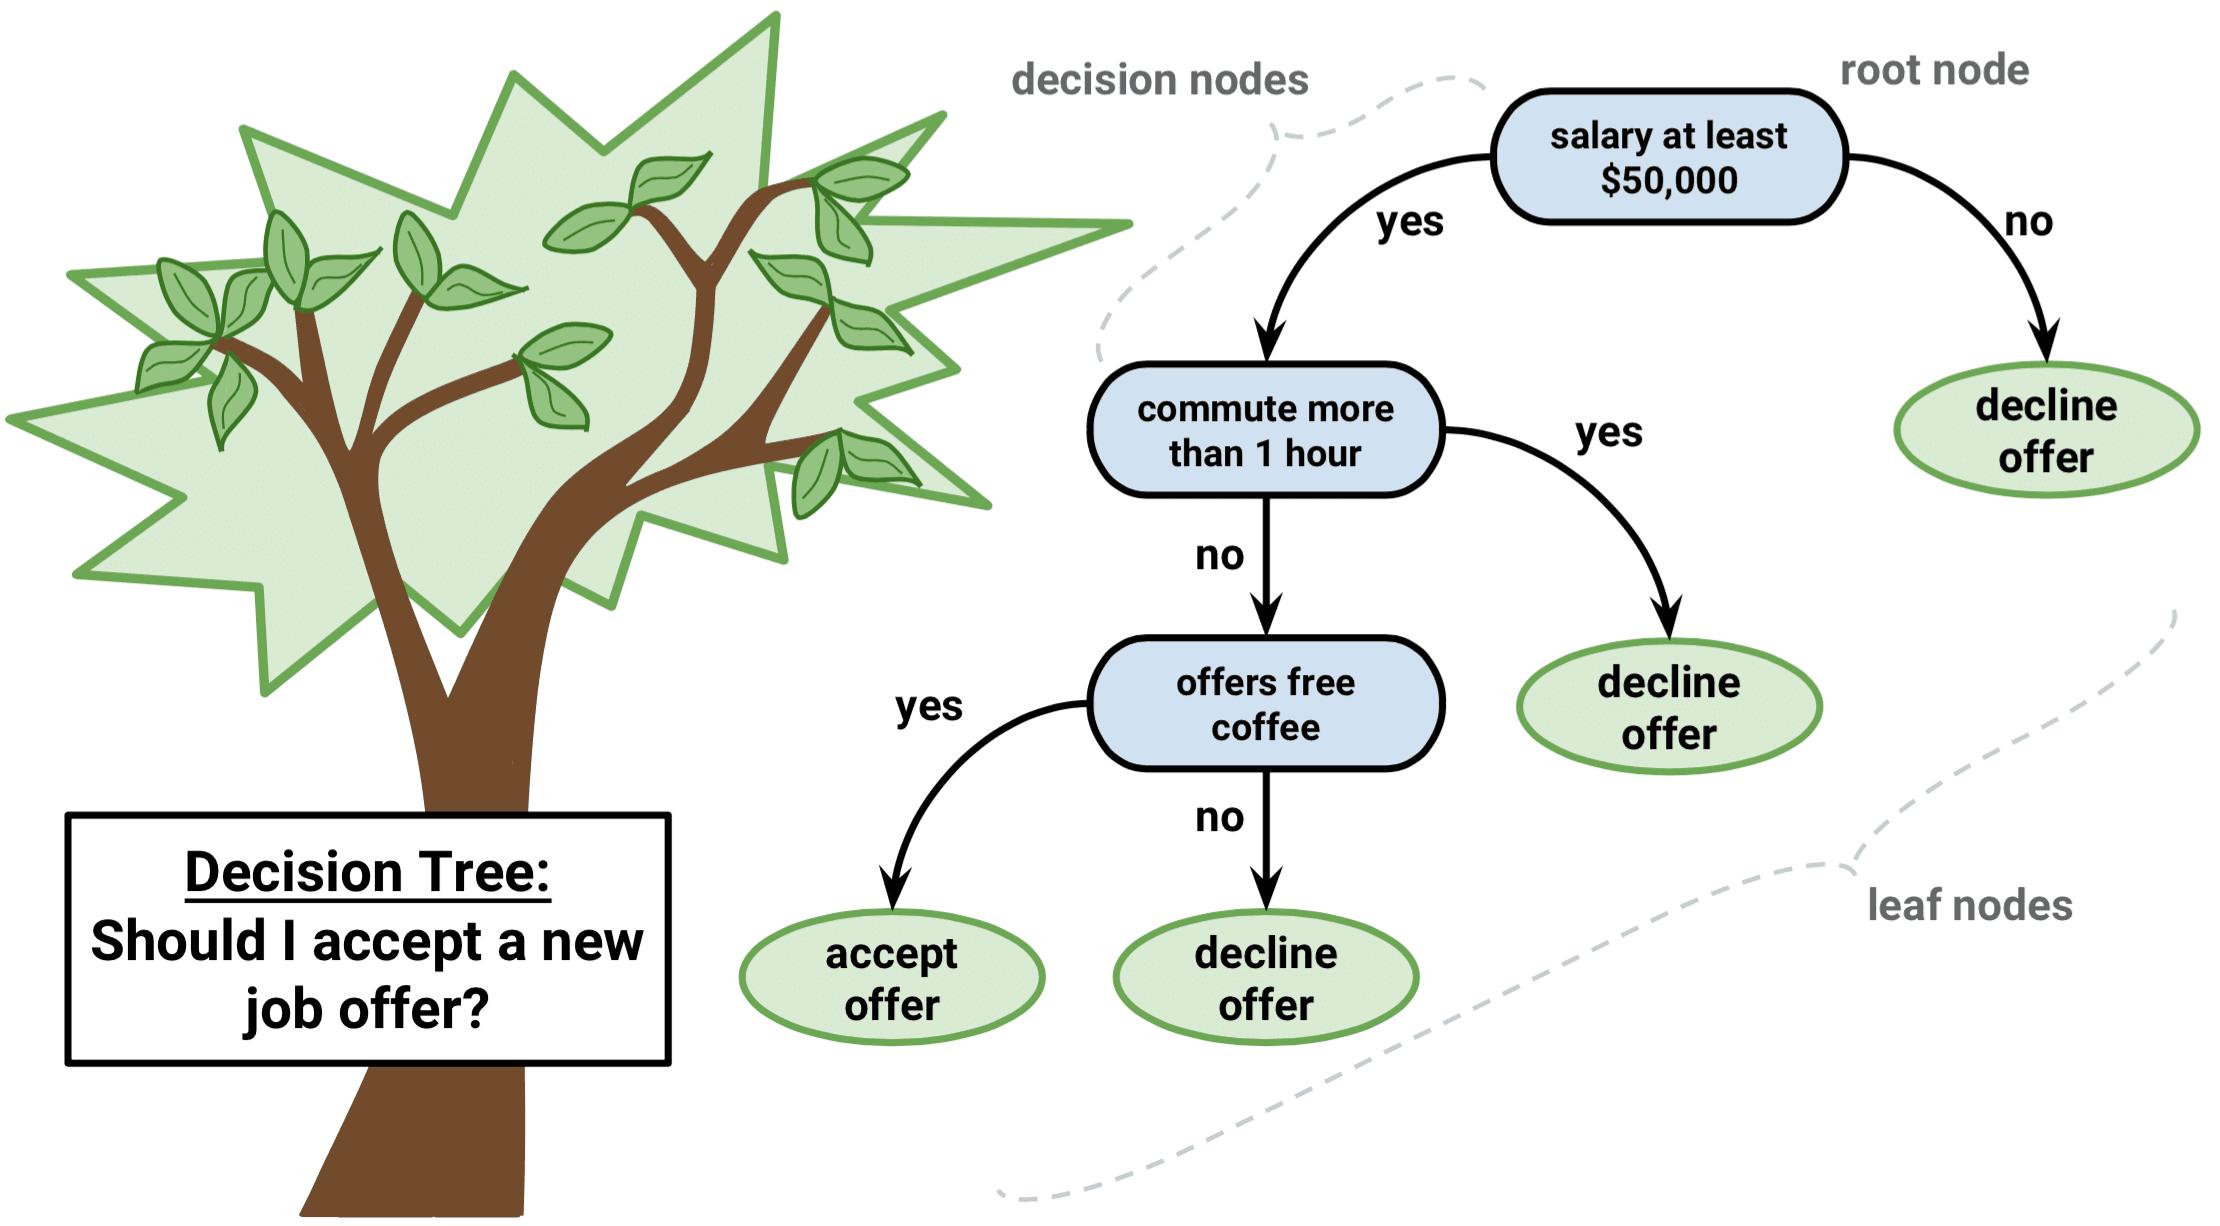 رخت تصمیم فازی ، شبکه های عصبی مصنوعی و... درخت تصمیم فازی شیوه ای برای ارائه پایگاه قانون و در واقع یک روش باز نمایی دانش می باشد. درخت تصمیم فازی فراگیر یکی از روش های استتناج استقرائی با کاربرد وسیع و روشی برای تخمین توابع هدف گسسته است که تابع فراگیر با یک درخت تصمیم فازی نمایش داده می شود